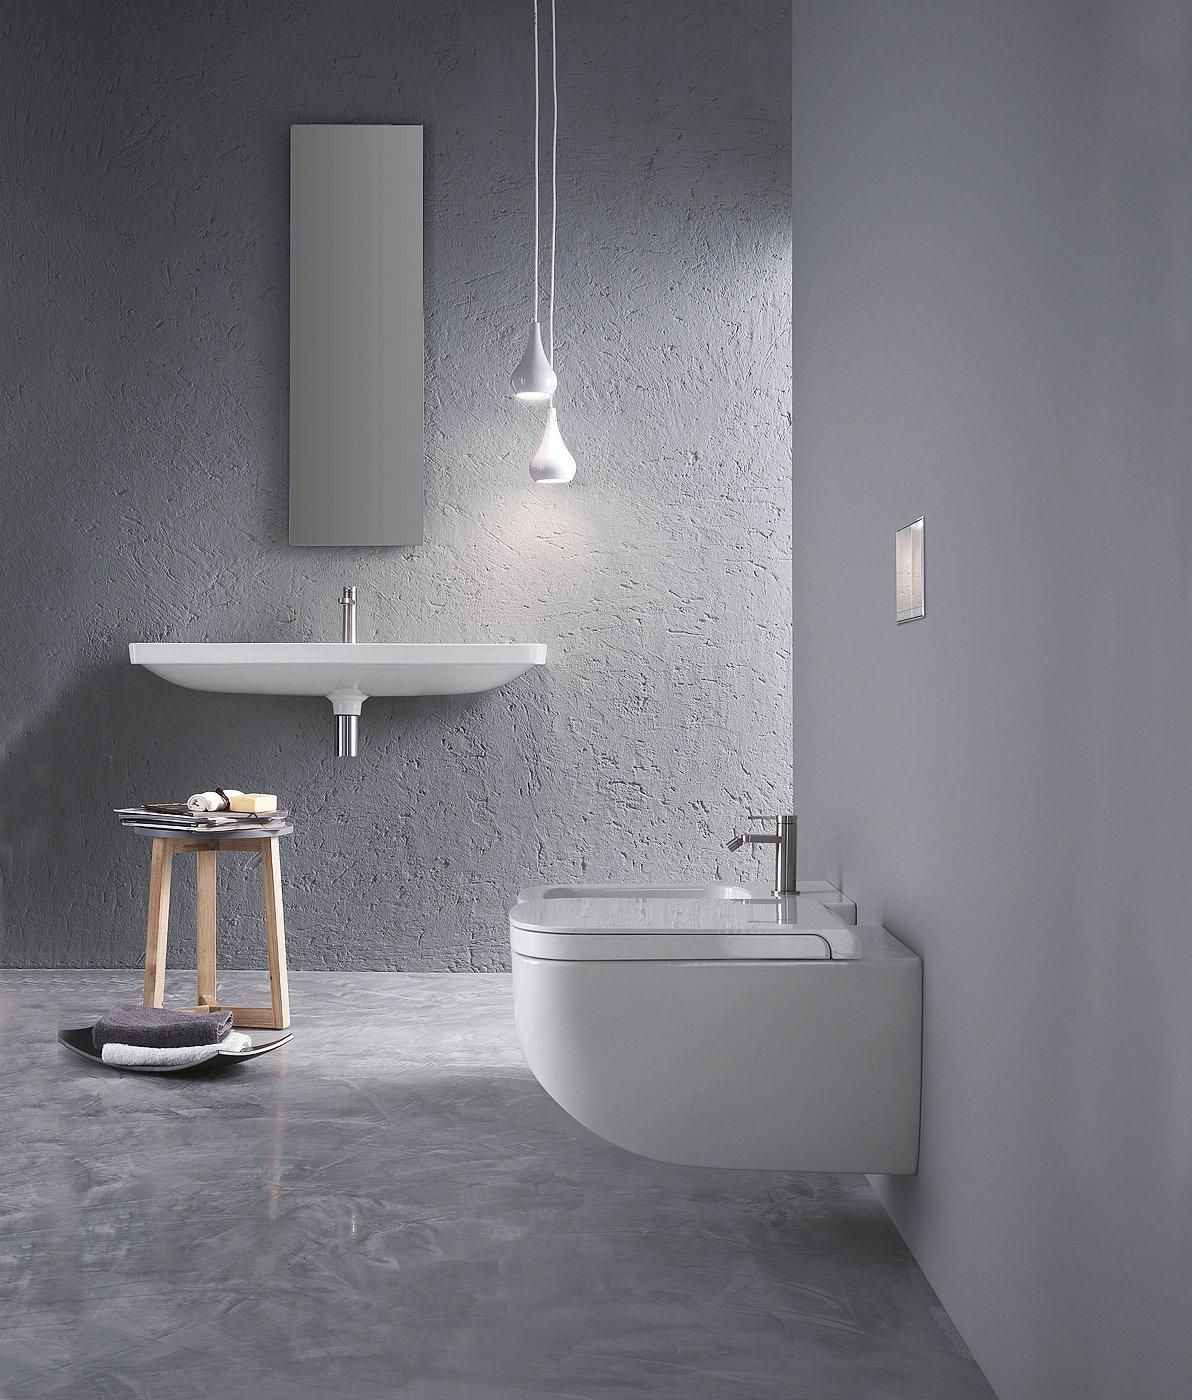 Ceramica WC sospeso Rimless senza bordo igienica WC con sedile WC Soft Close Funzione Quick Release